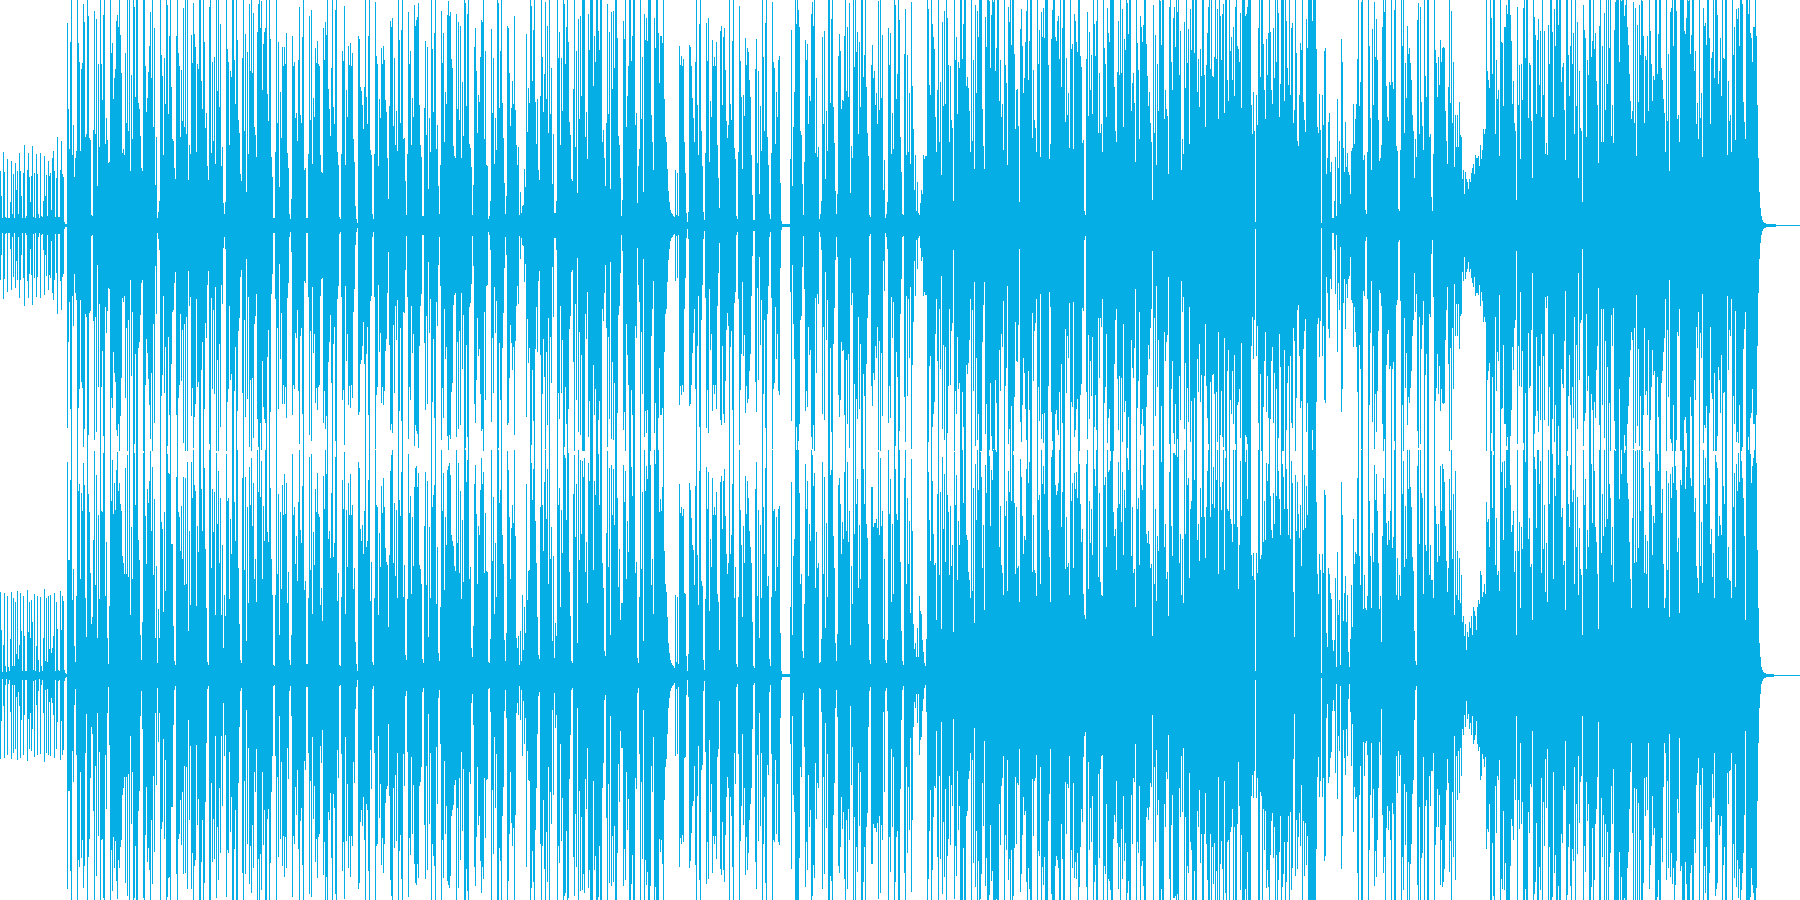 フリーラップ出来るHip-hopトラックの再生済みの波形